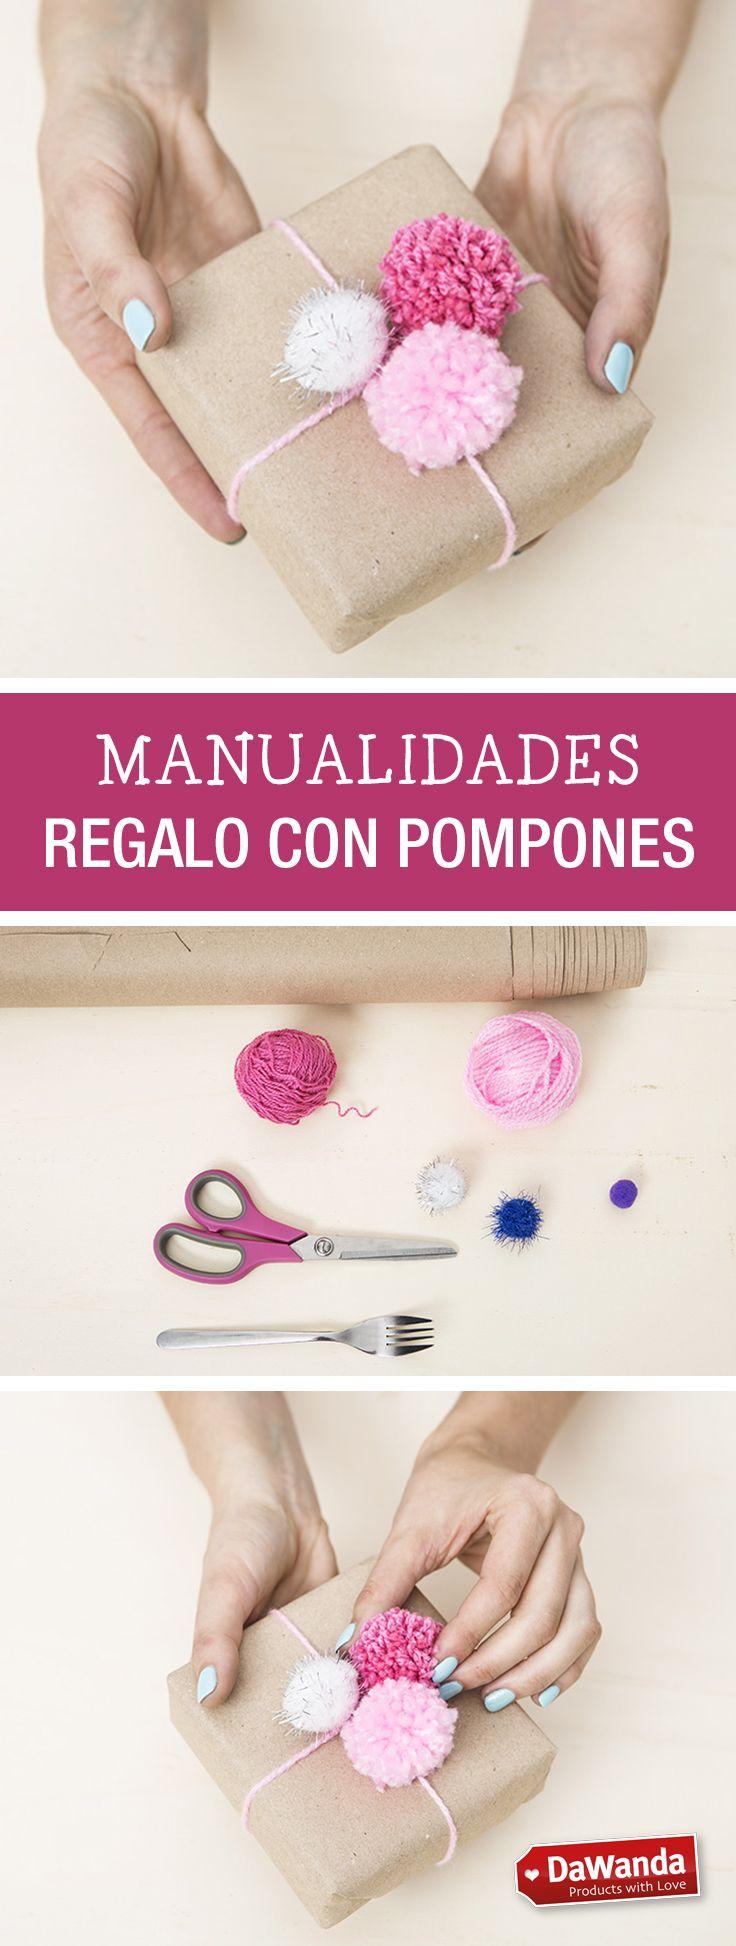 Tutorial DIY - CÓMO ENVOLVER REGALOS CON POMPONES en DaWanda.es